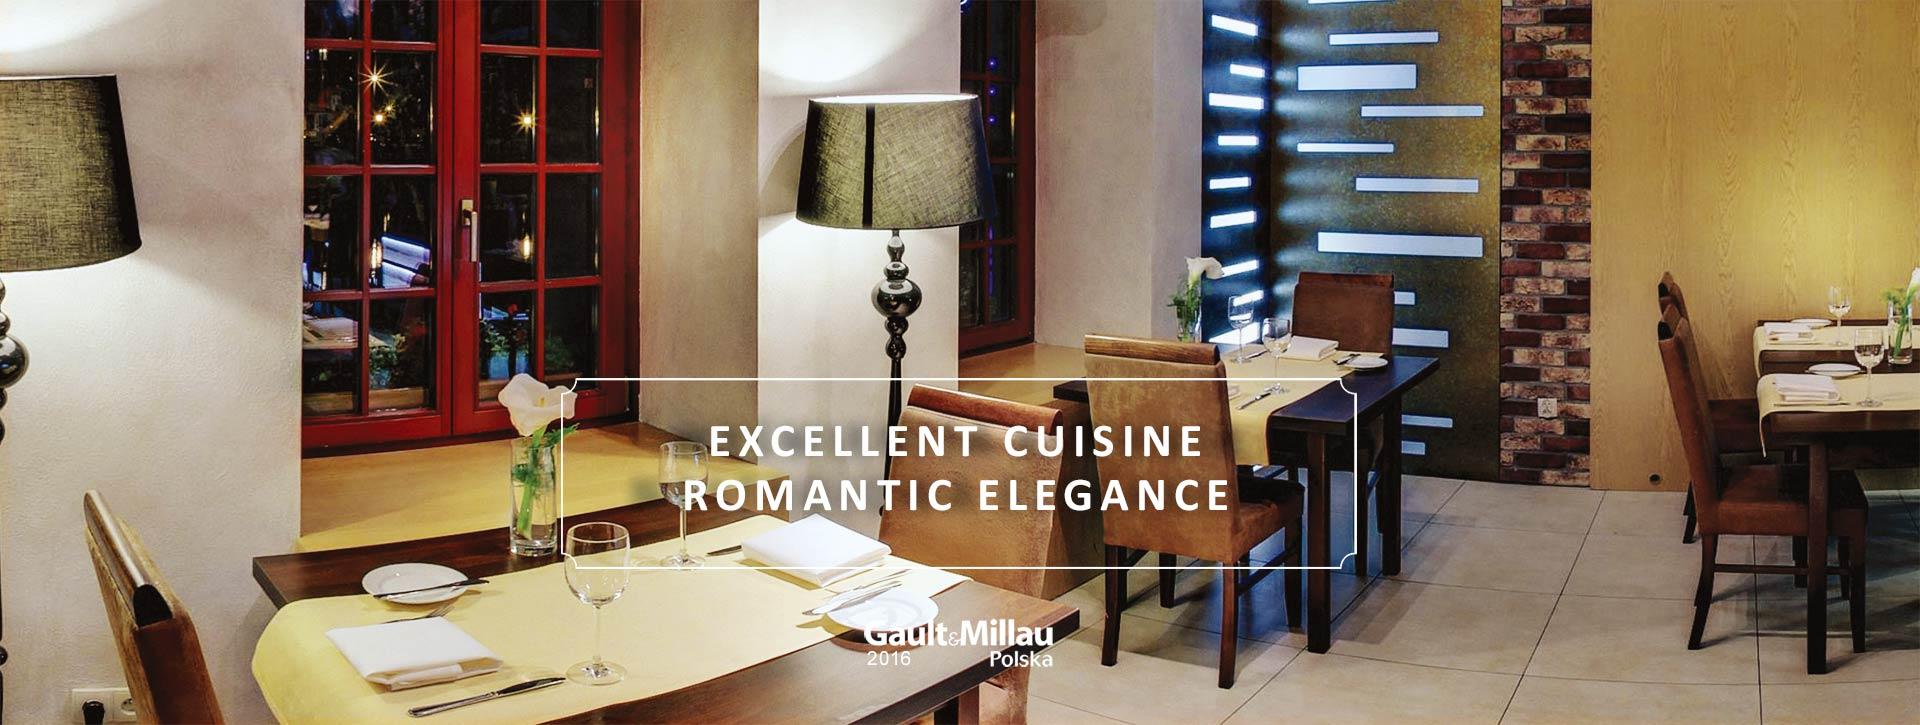 excellent-cuisine-romantic-elegance-3